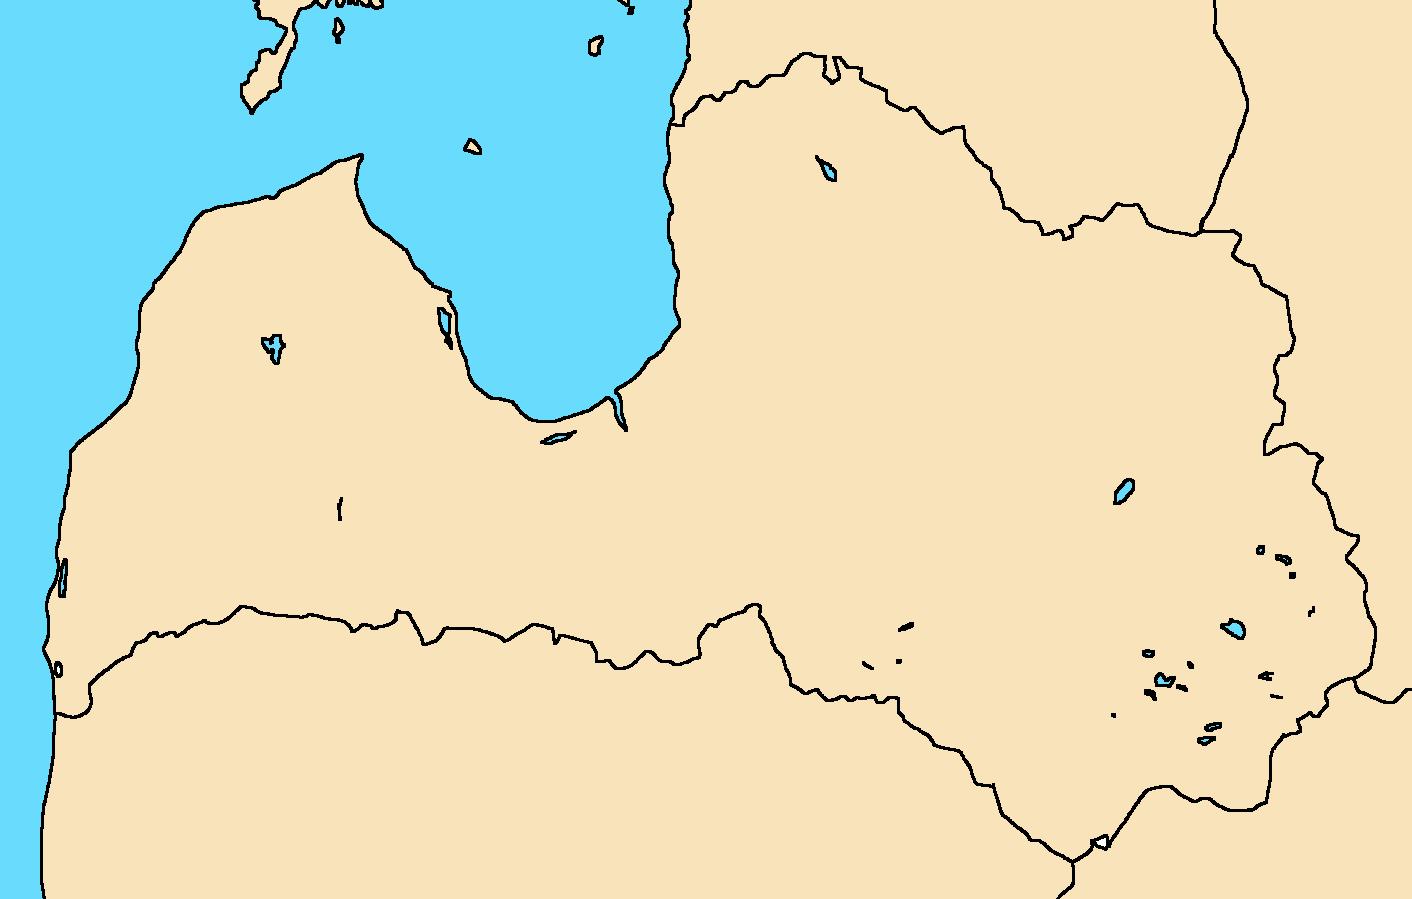 Image Latviapoliticalmappng TheFutureOfEuropes Wiki FANDOM